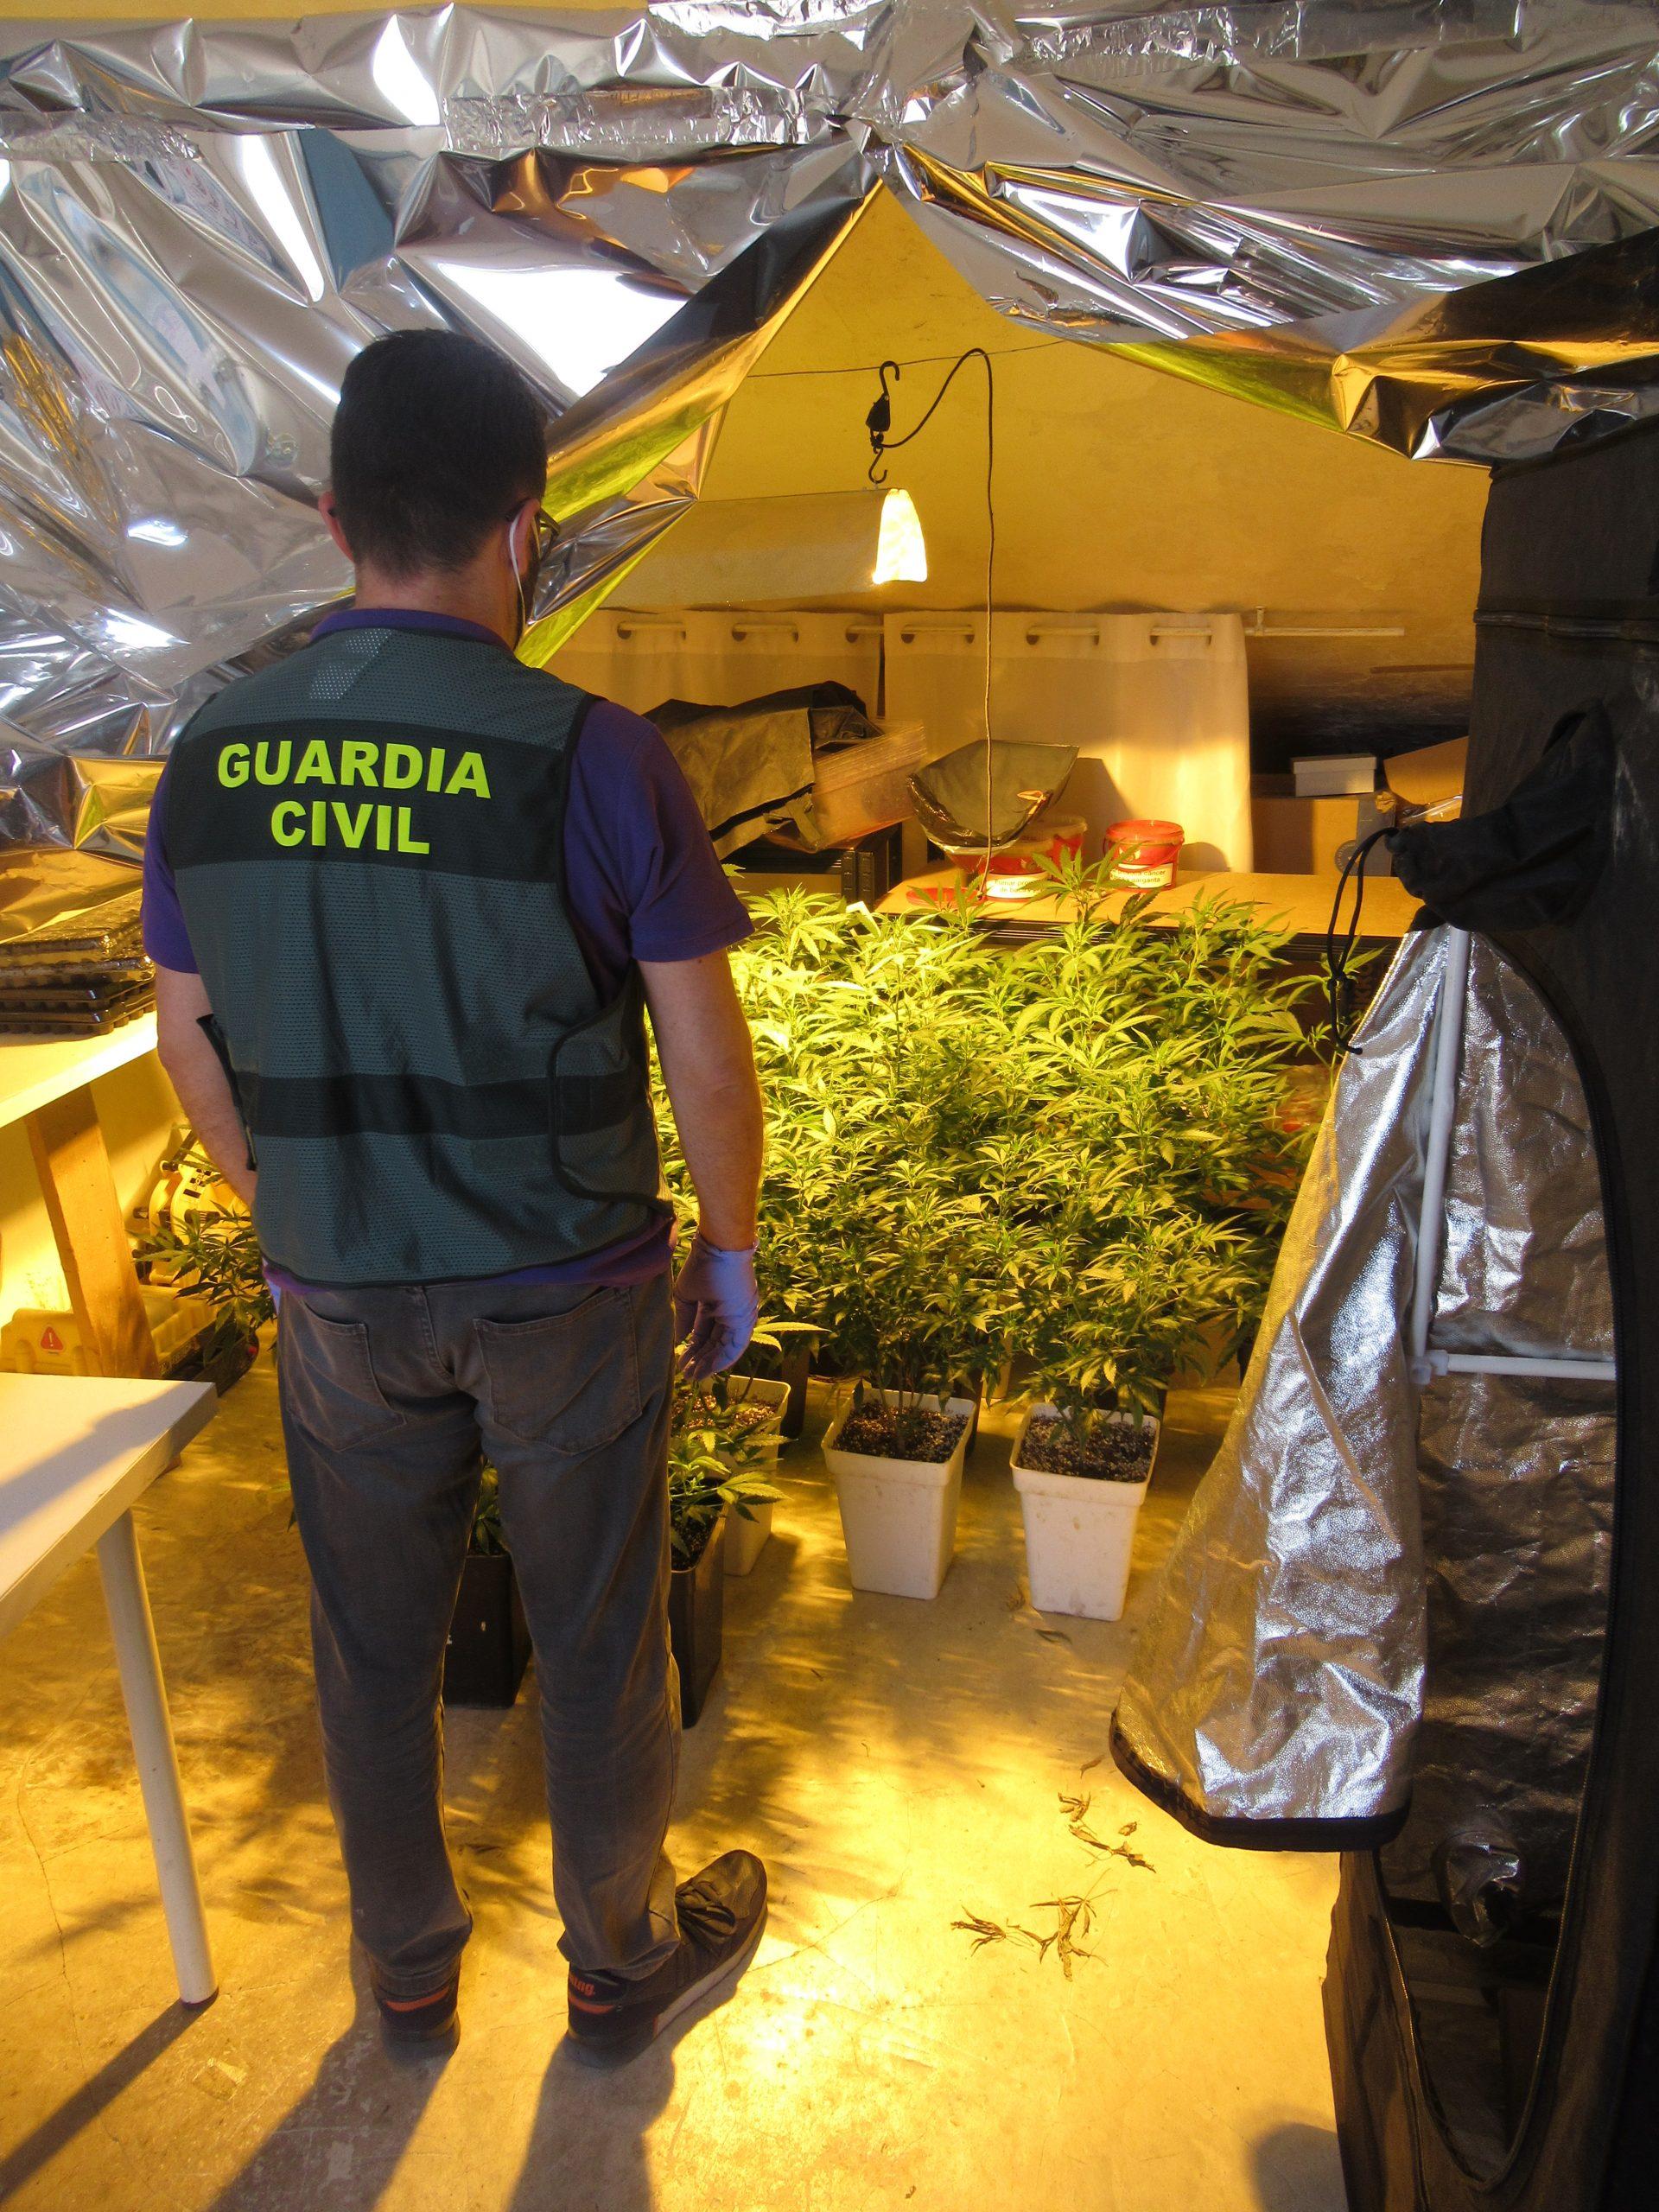 La Guardia Civil desmantela una plantación de marihuana en Montilla y detiene a dos personas